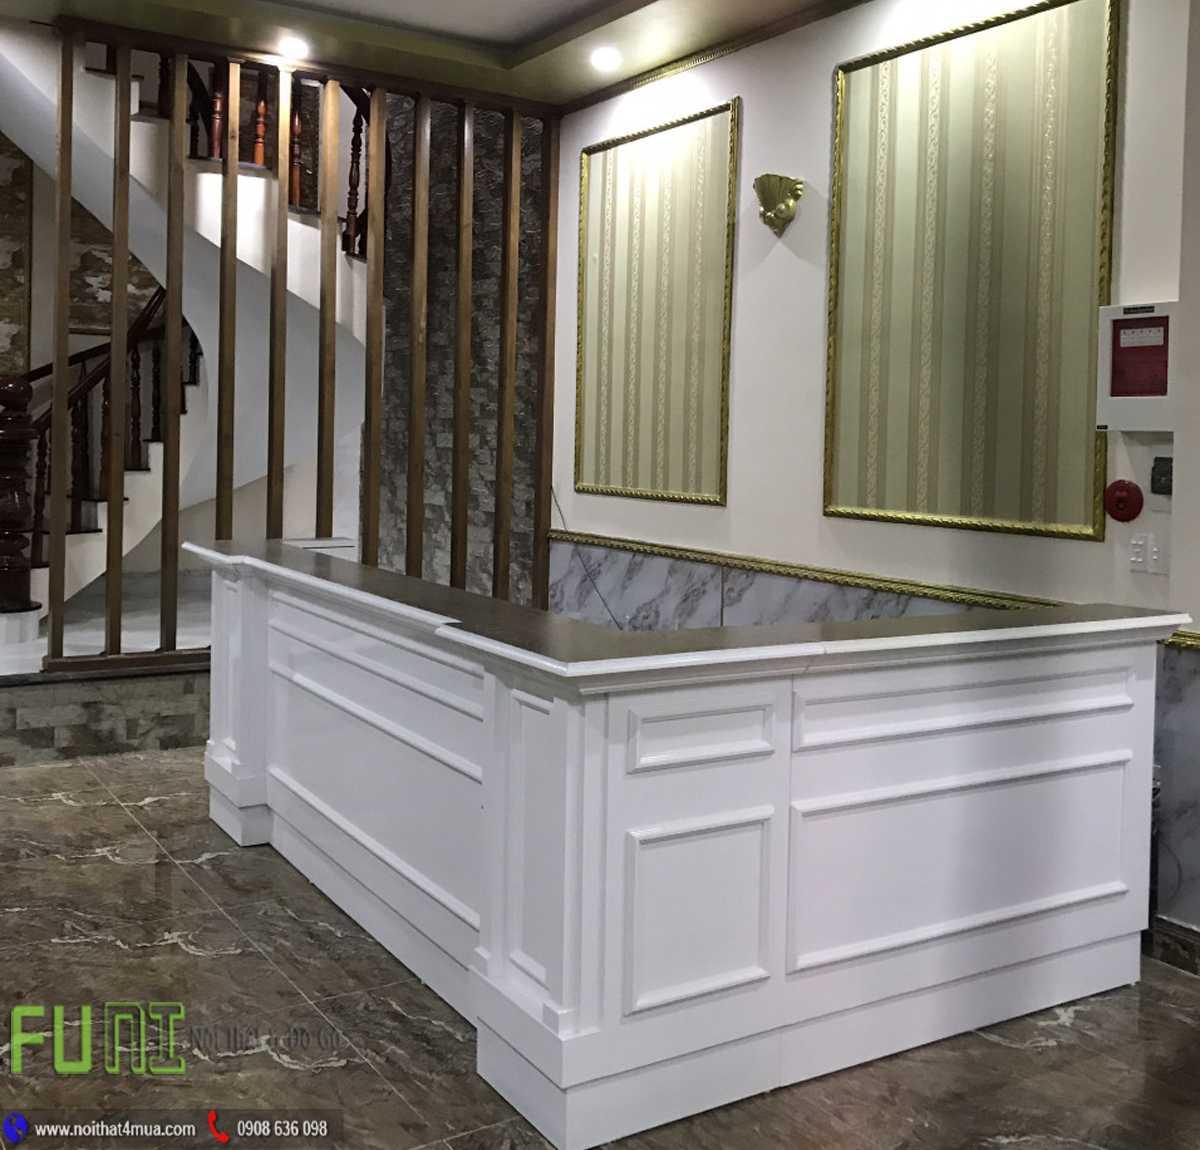 Cải tạo sửa sửa nội thất